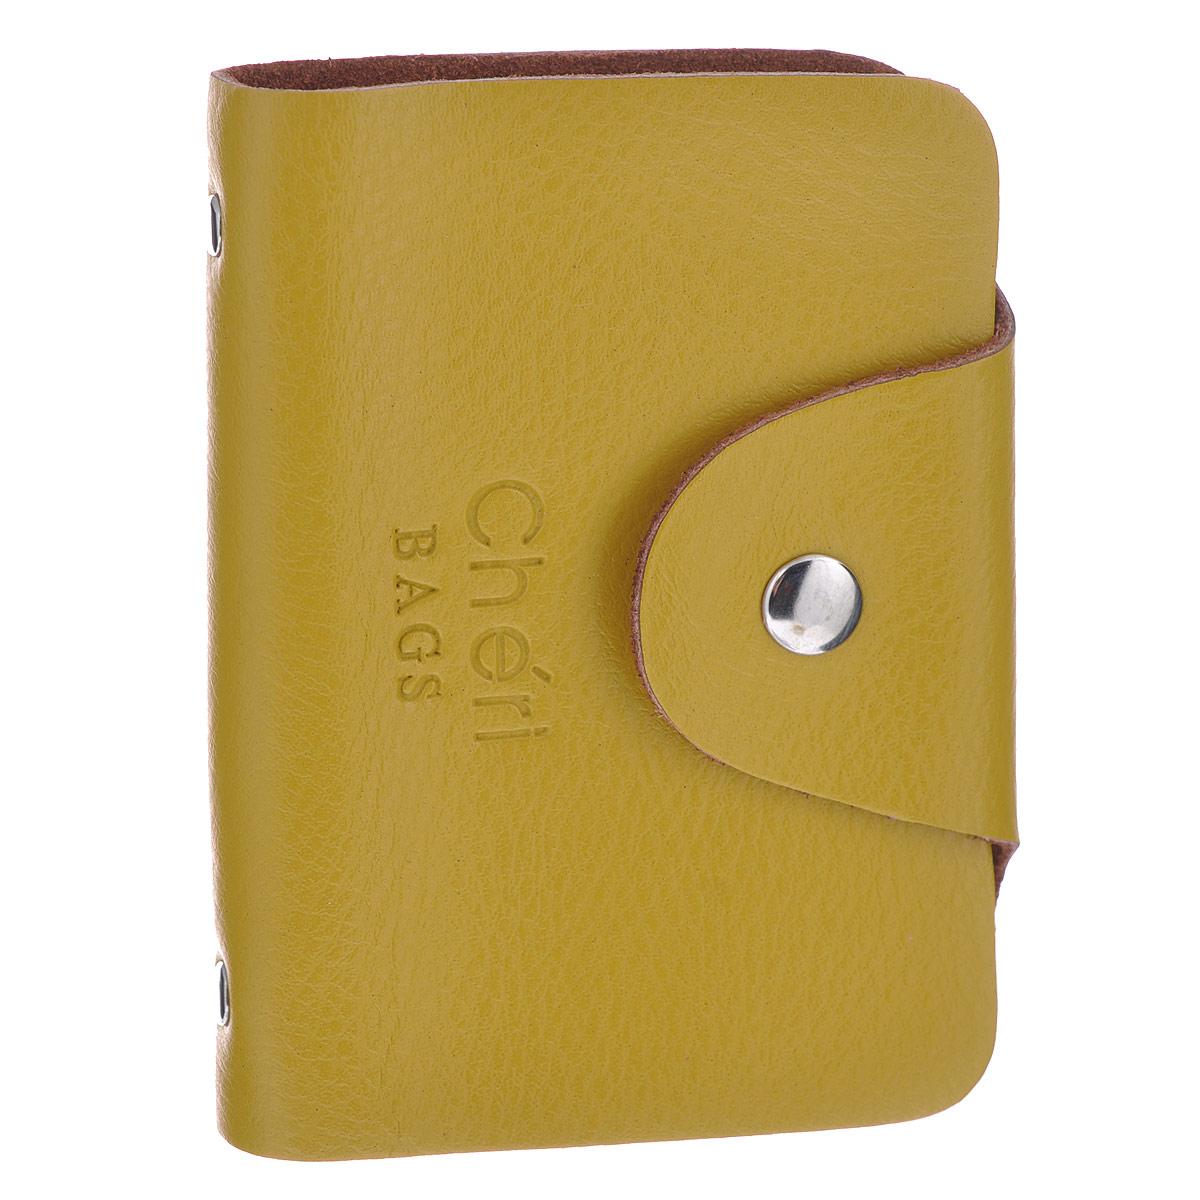 Визитница Cheribags, цвет: желтый. V-0489-13W16-11128_323Элегантная визитница Cheribags - стильная вещь для хранения визиток. Визитница выполнена из натуральной кожи, закрывается клапаном на металлическую кнопку. Внутри содержит блок из мягкого пластика, рассчитанный на 26 визиток. Такая визитница станет замечательным подарком человеку, ценящему качественные и практичные вещи.